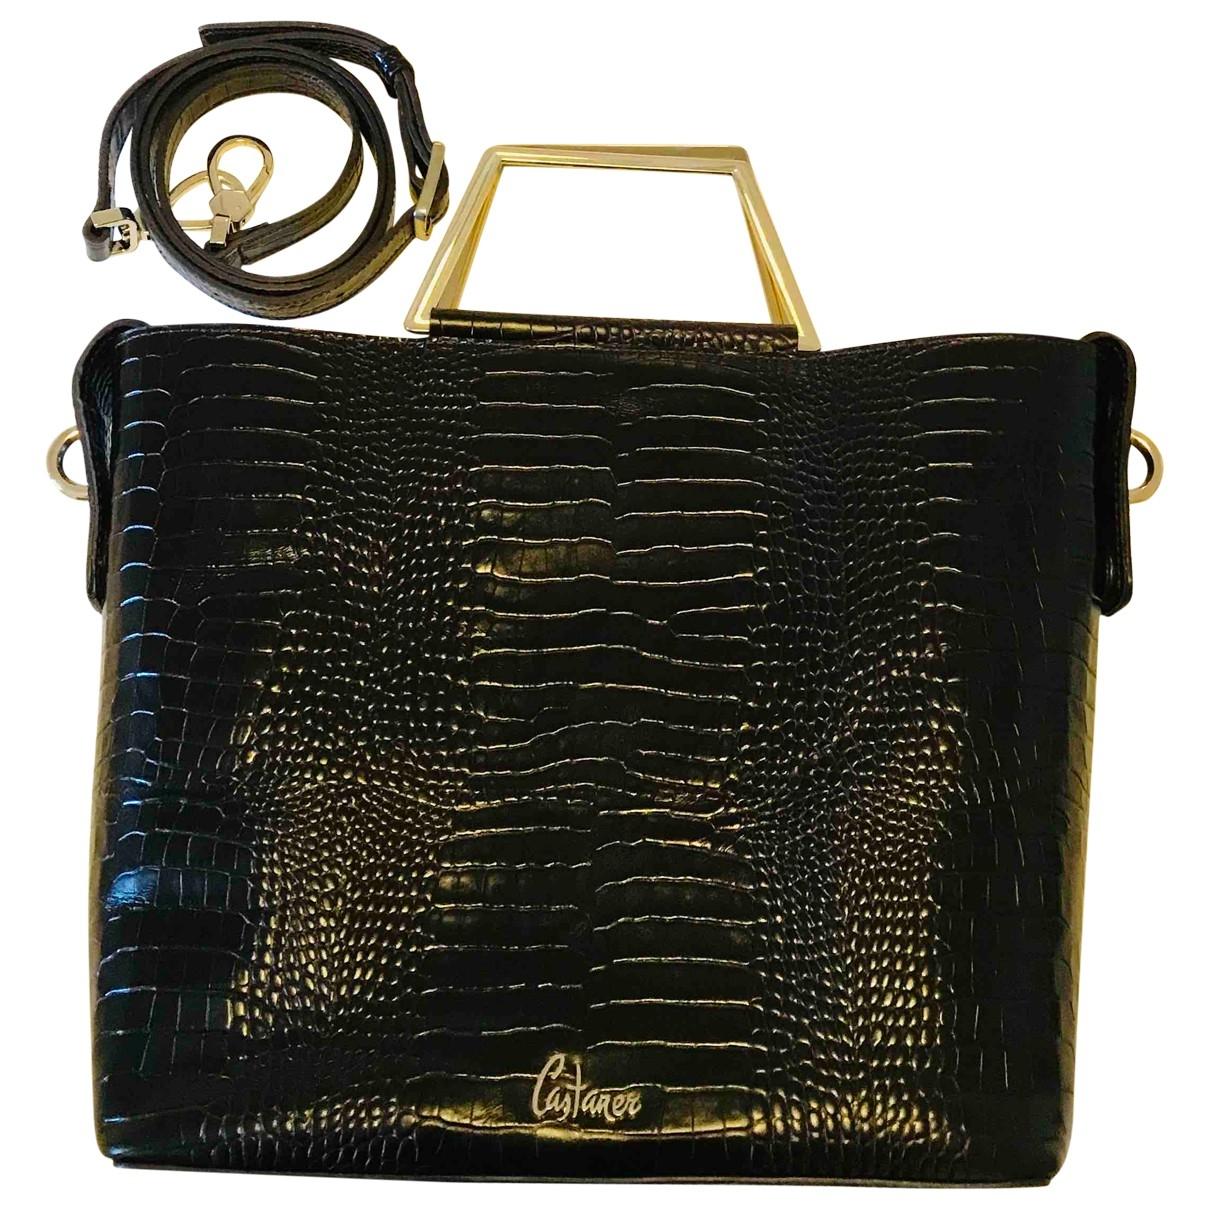 Castaner \N Handtasche in  Braun Exotenleder